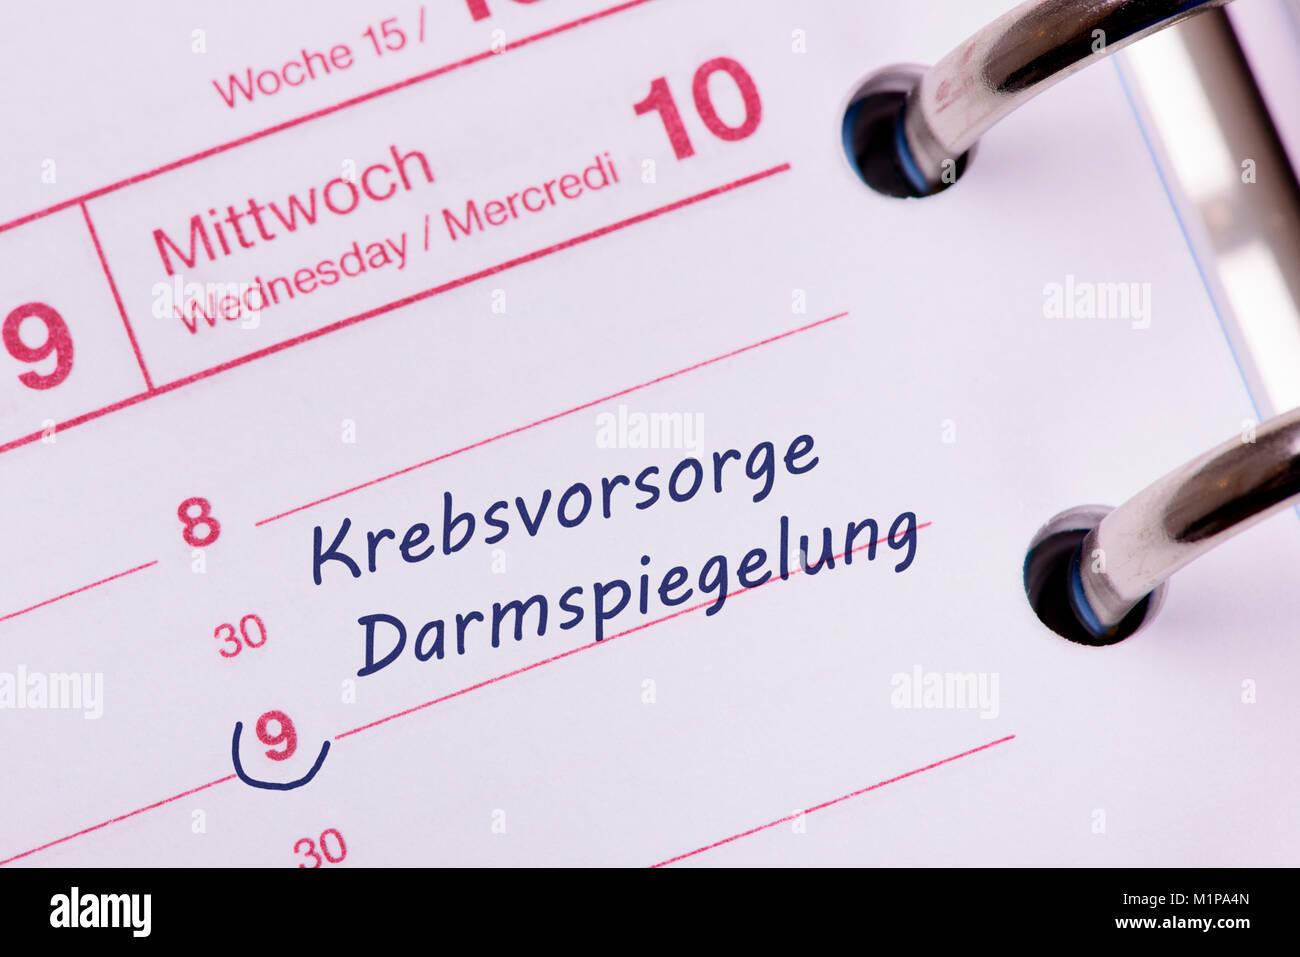 Terminkalender mit Eintrag Krebsvororge mit Darmspiegelung Stock Photo